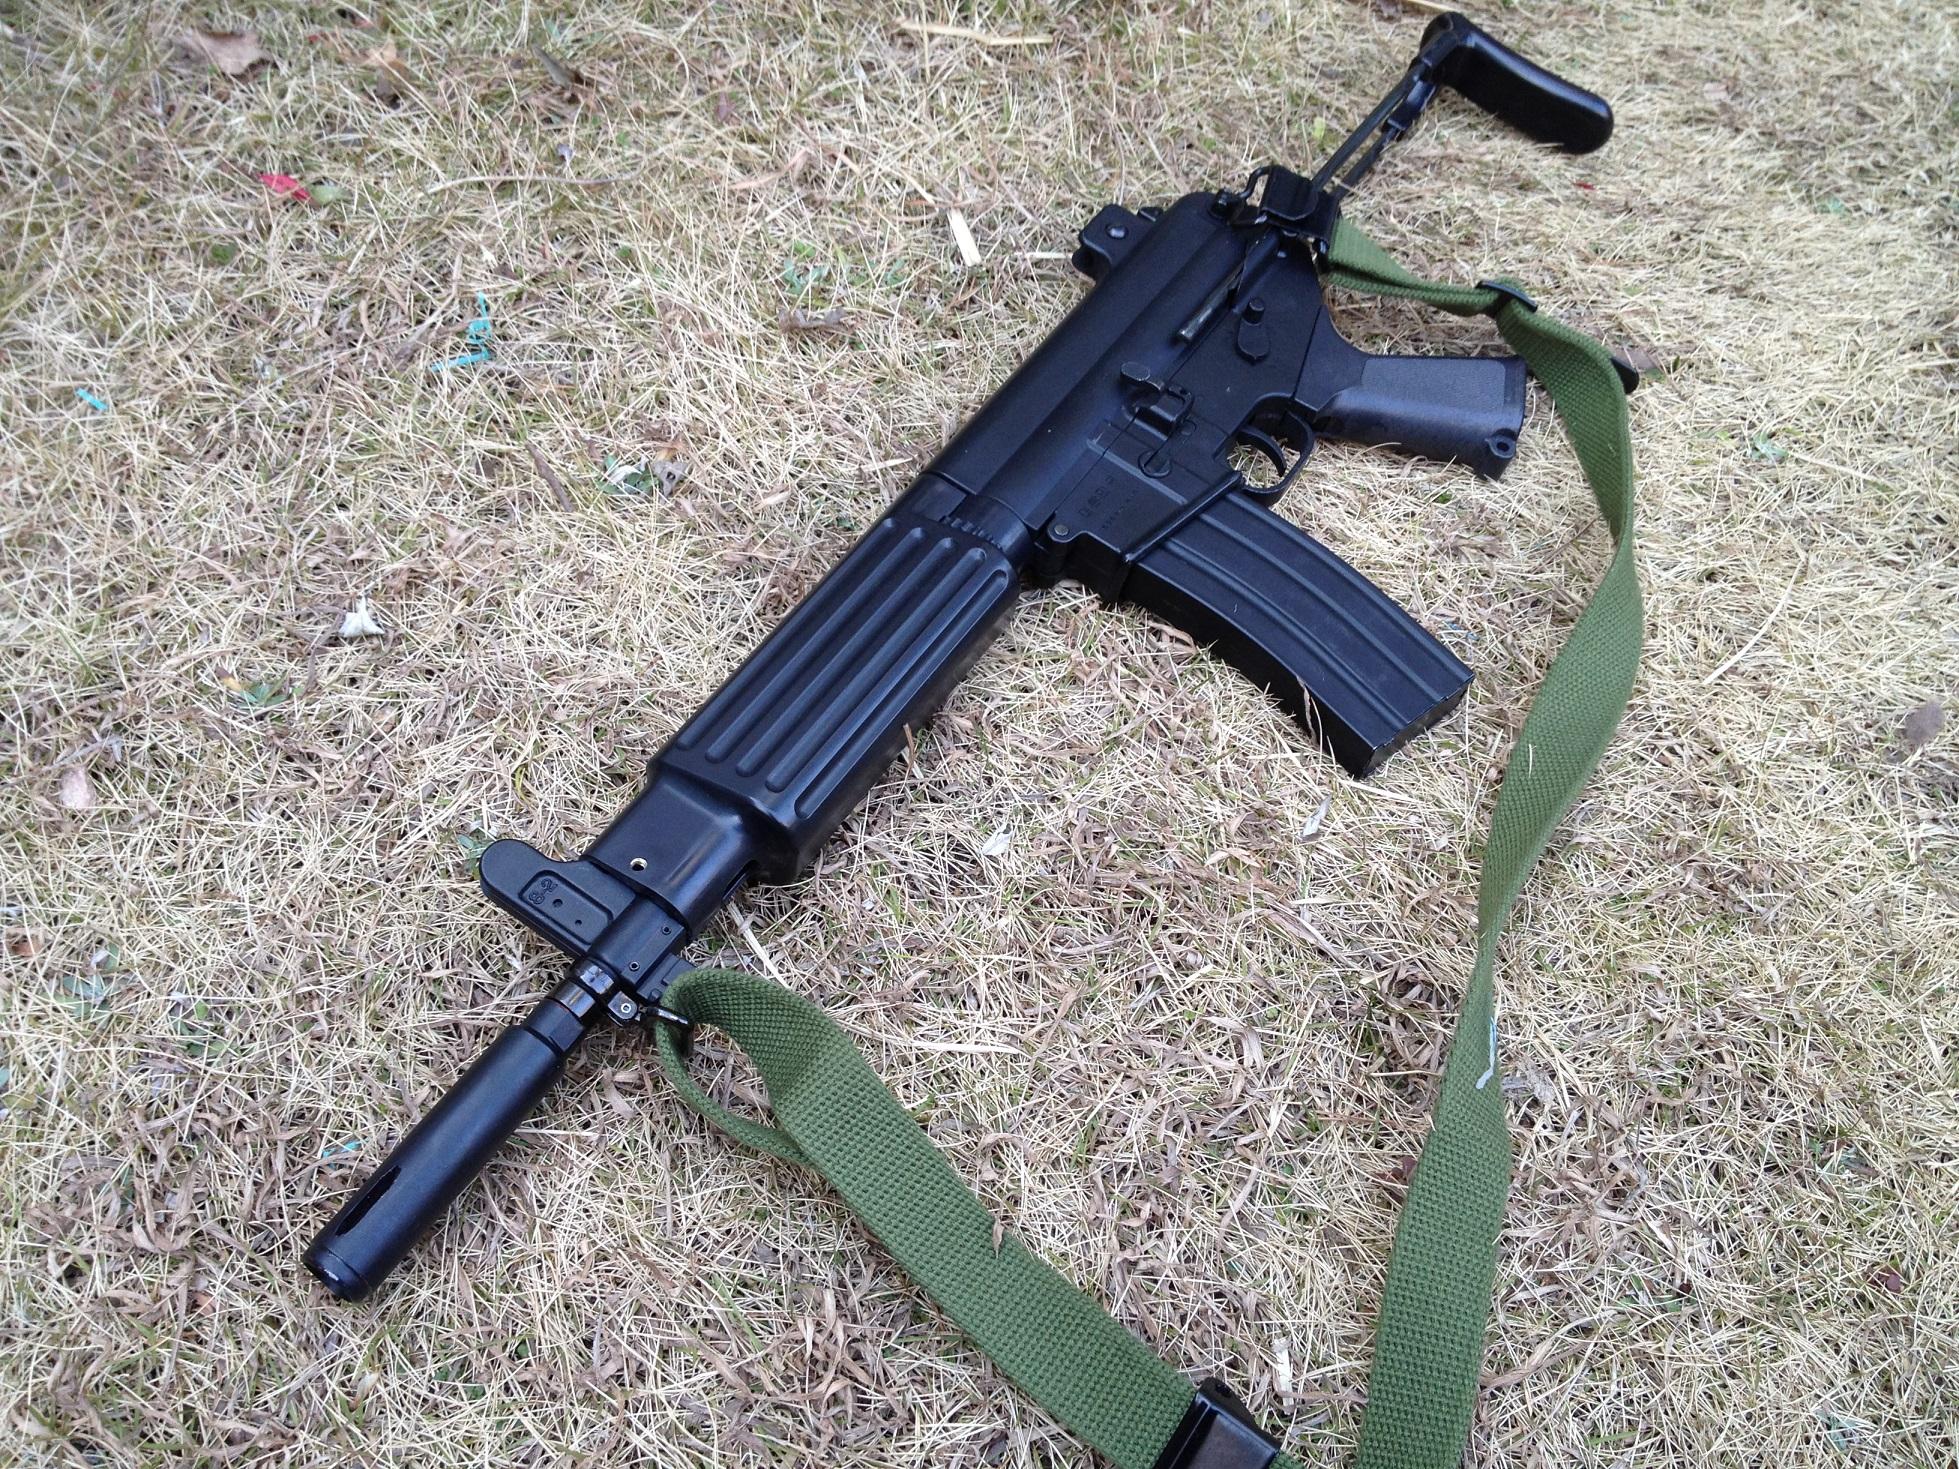 K1 (機関短銃)